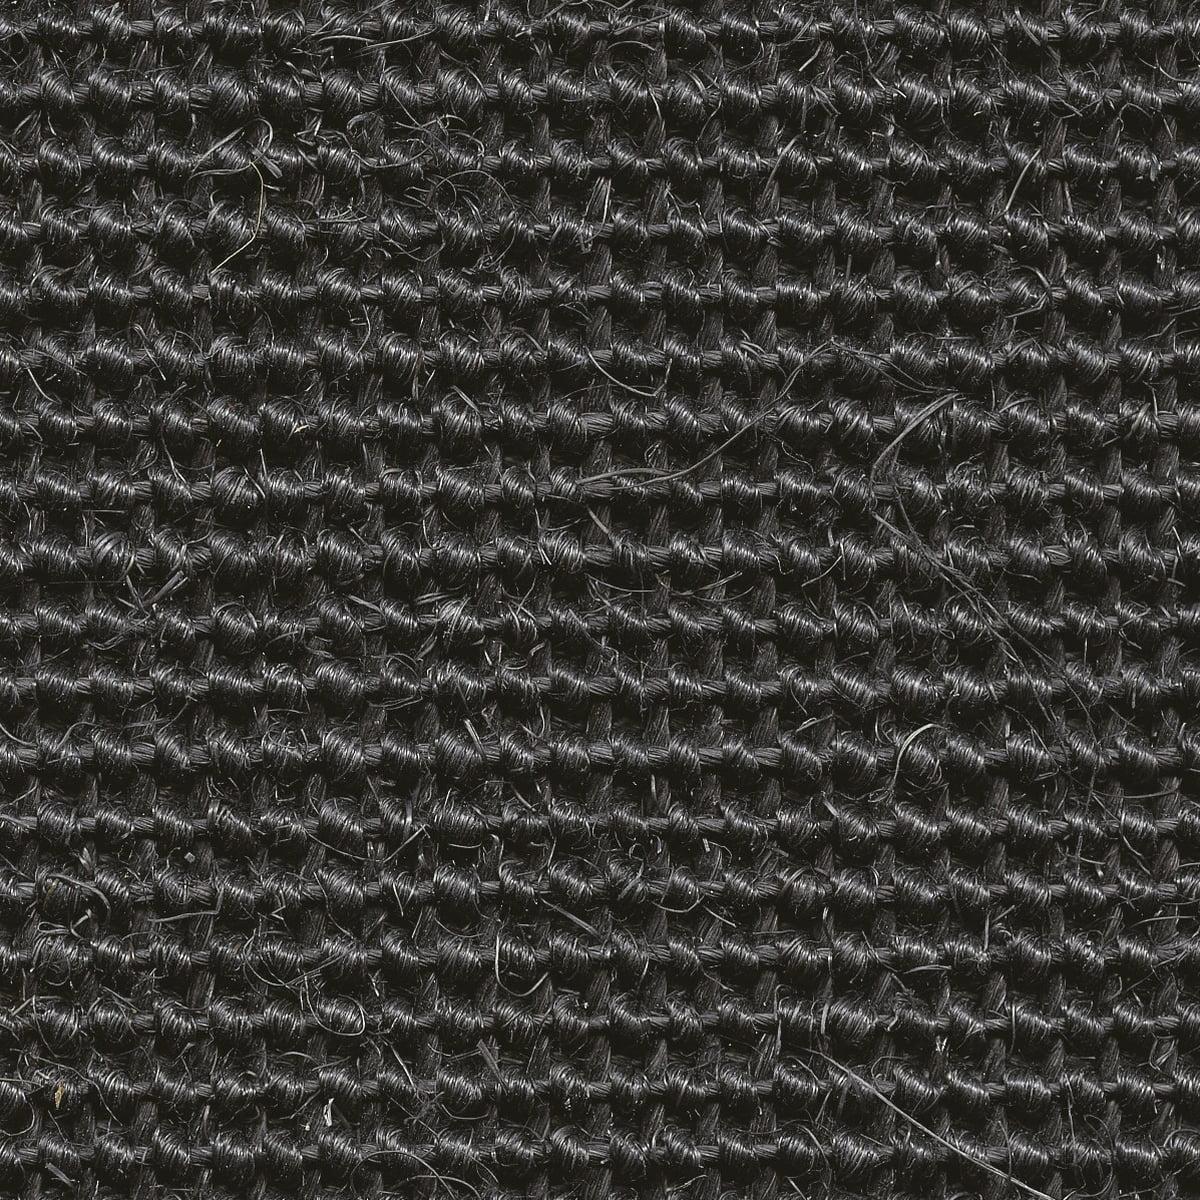 ruckstuhl teppich jaipur sisal anthrazit 60196 anthrazit t 200 b 300 online kaufen bei woonio. Black Bedroom Furniture Sets. Home Design Ideas